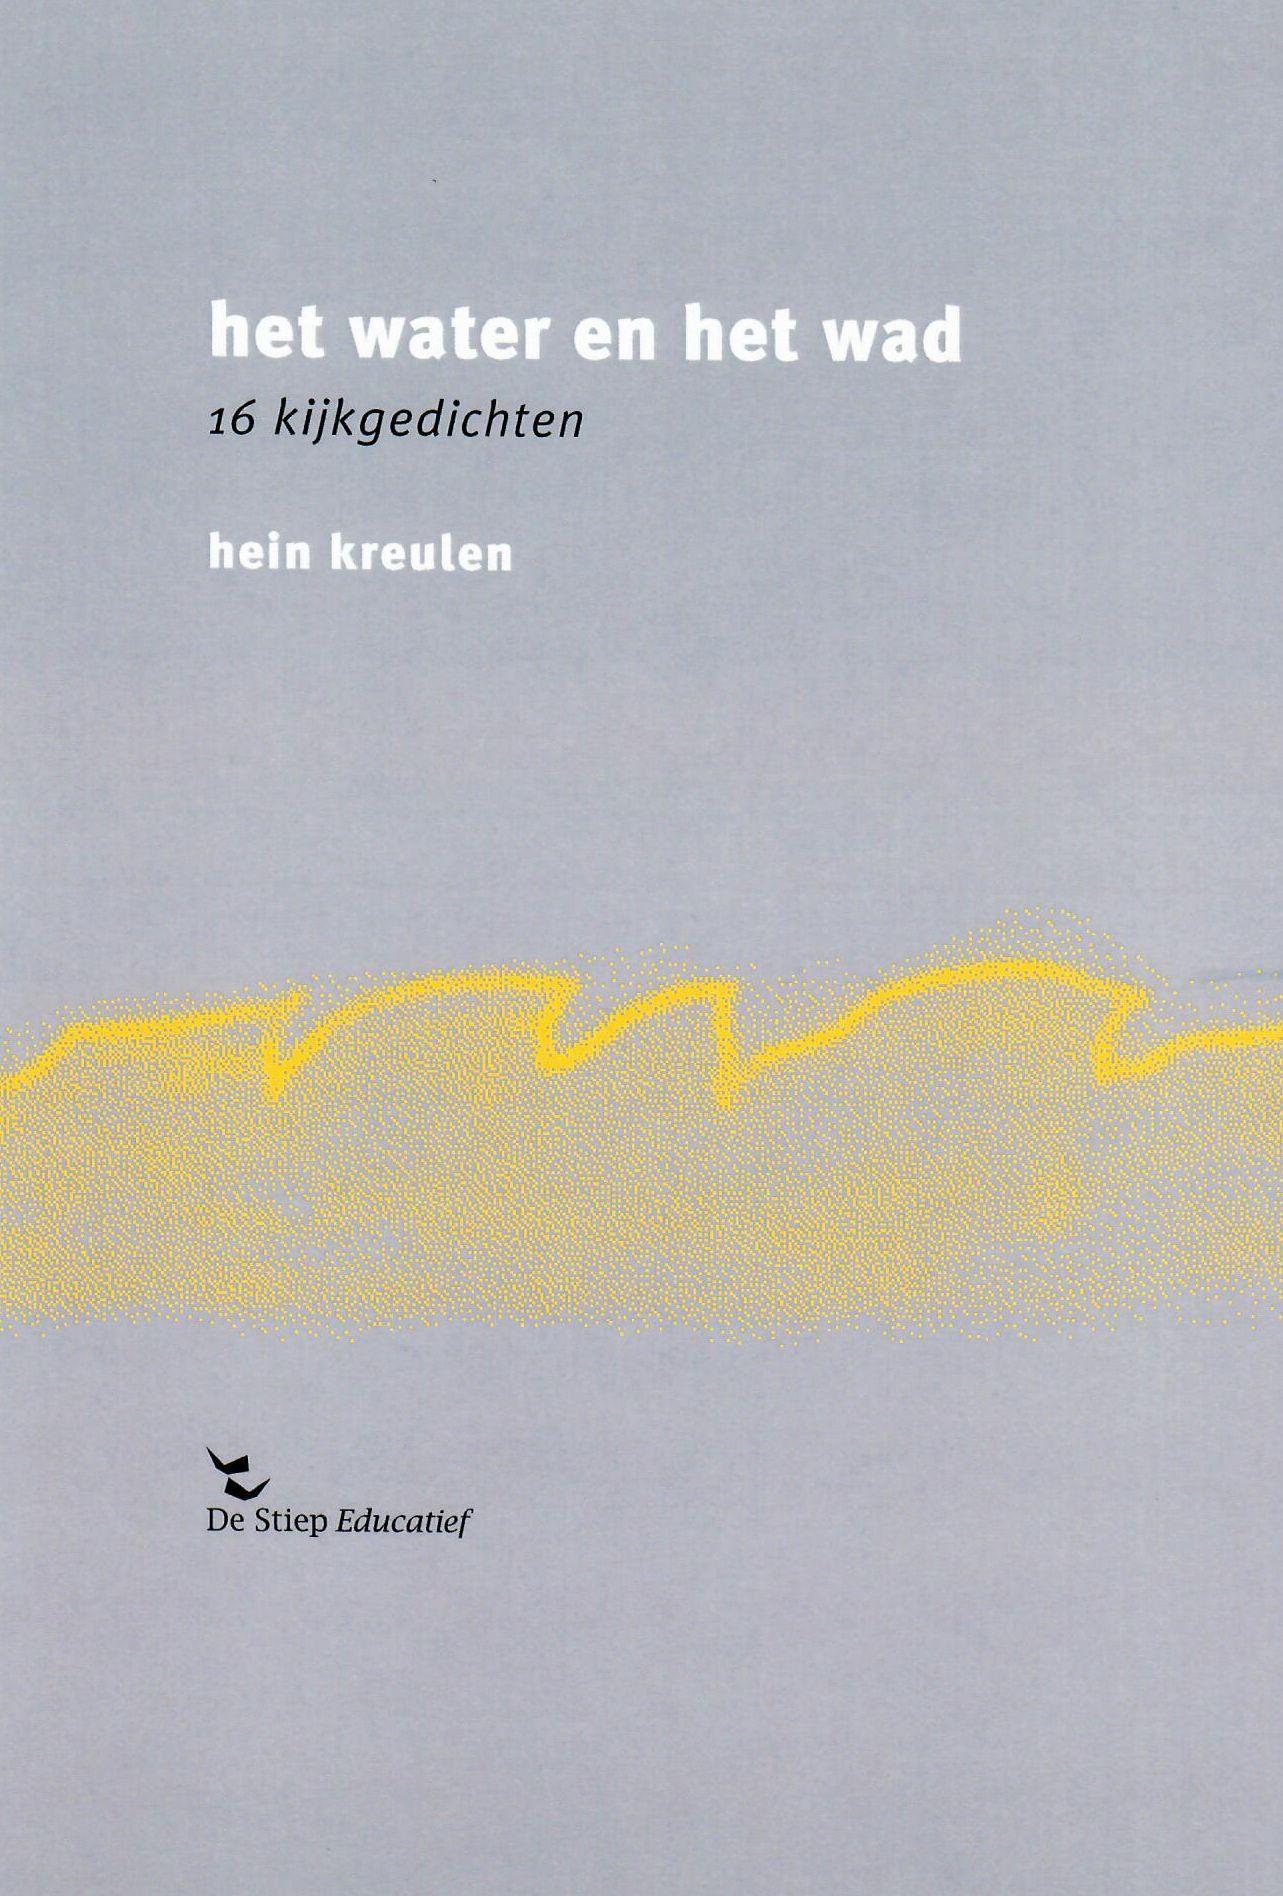 Het water en het wad; 16 kijkgedichten